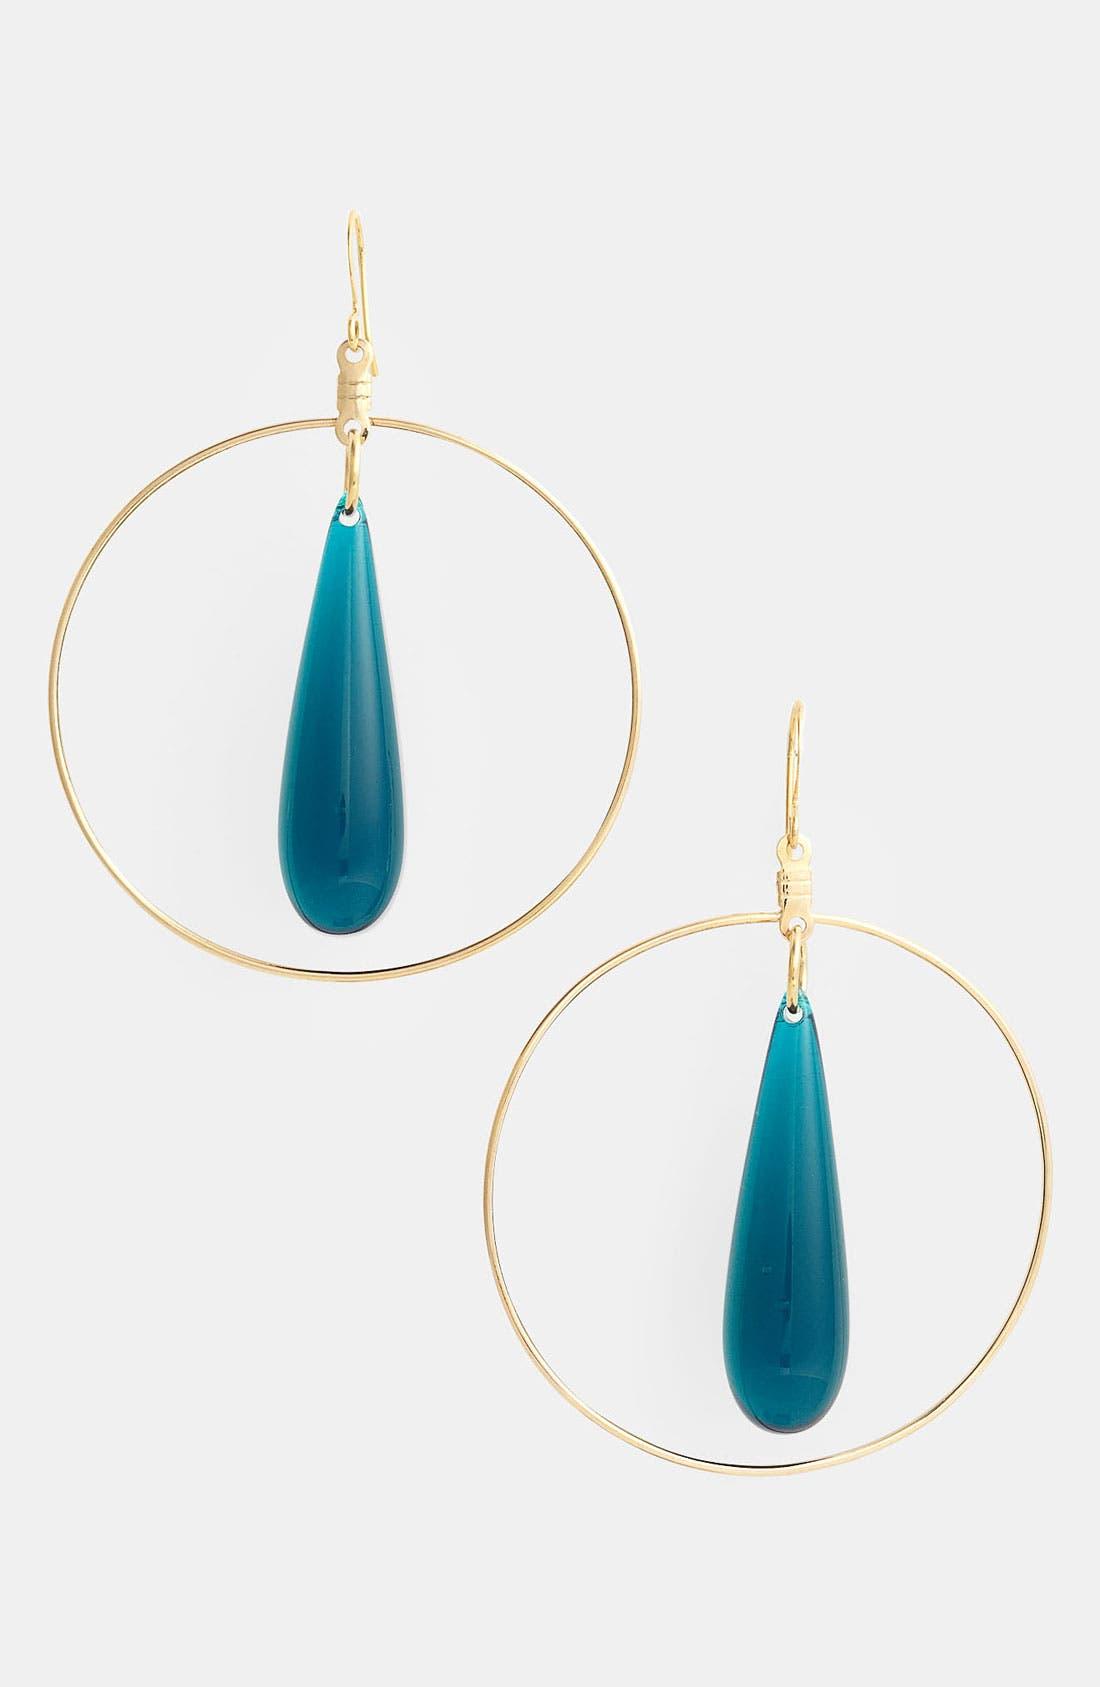 Alternate Image 1 Selected - Verdier Jewelry 'Vintage Ocean Lucite' Earrings